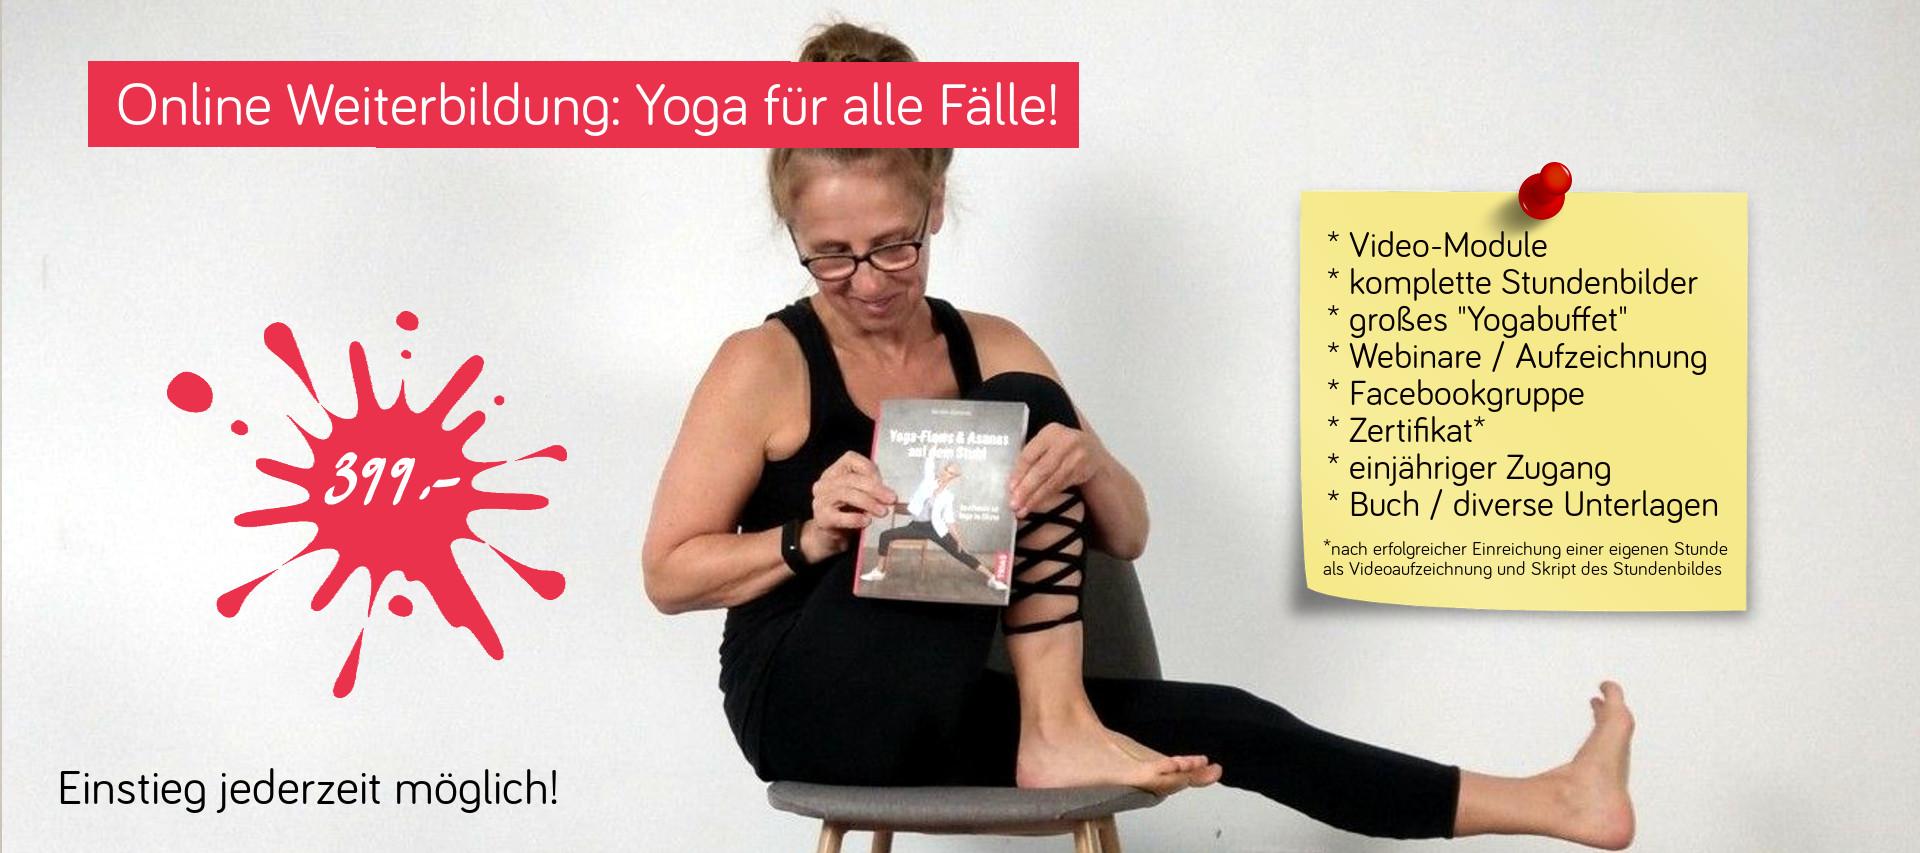 Herzlich Willkommen Bei Yobil Mobiles Yoga Rund Um Munster Und Online Yobil